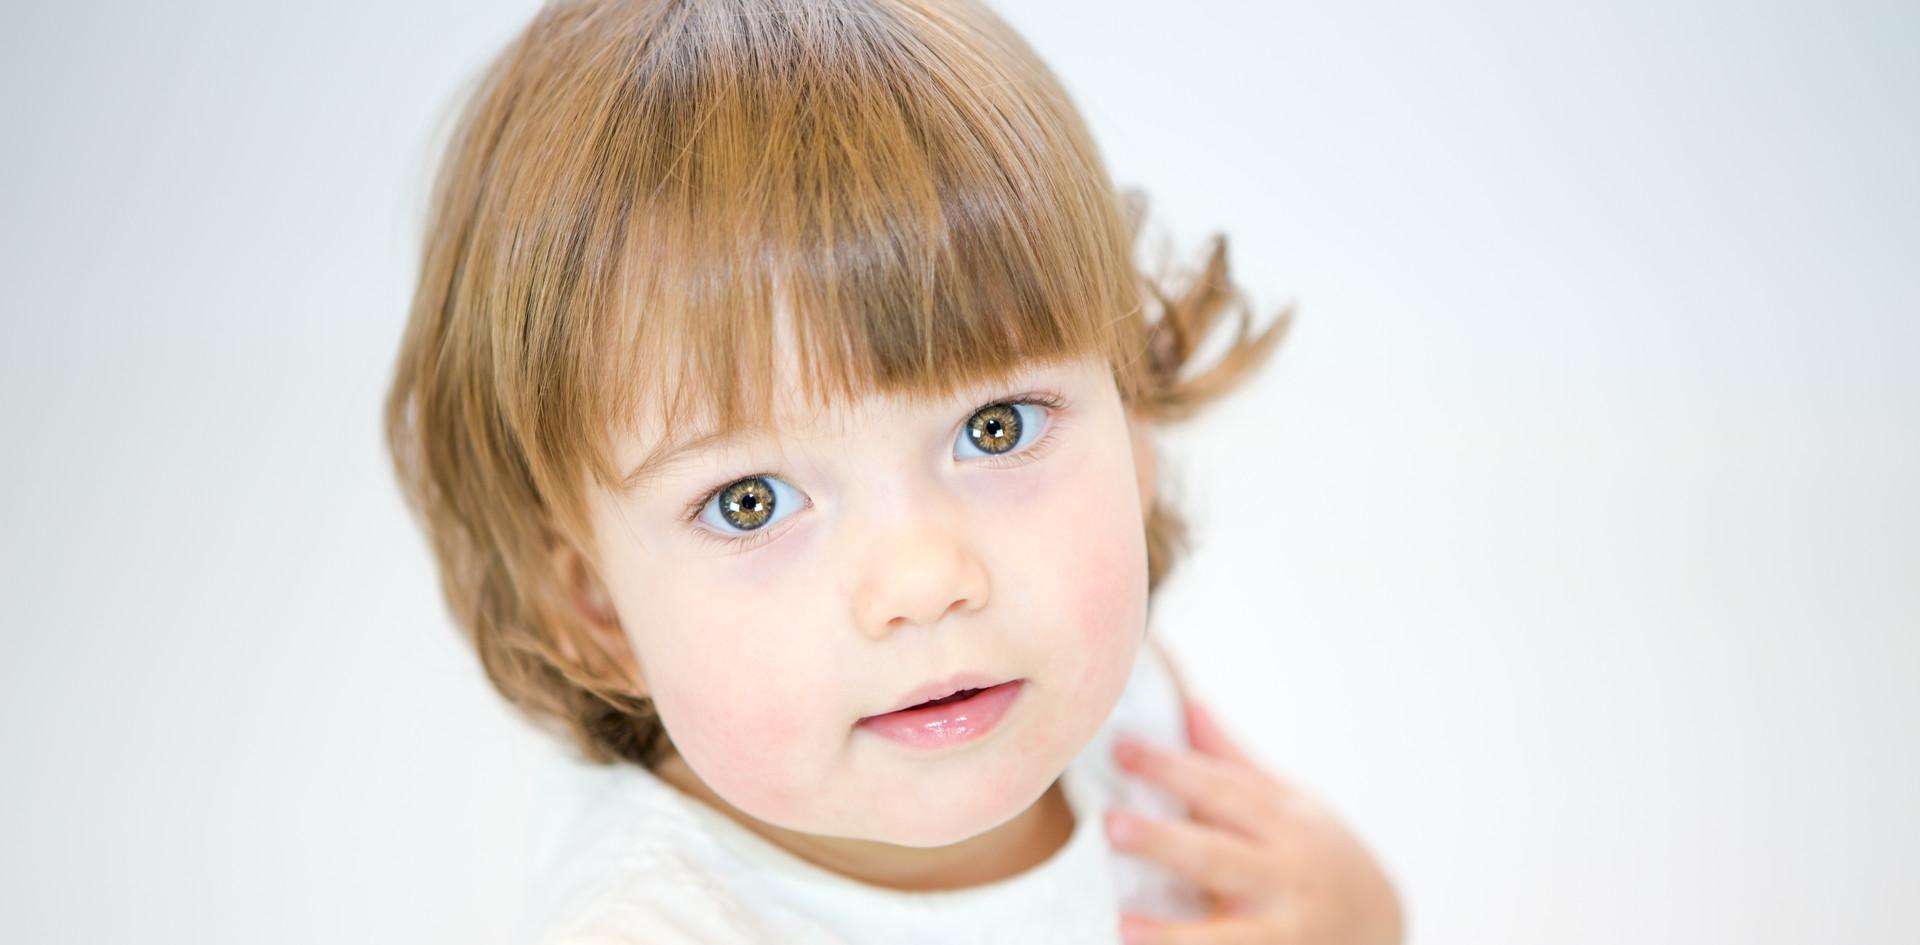 Perego Silvia Fotografa Lesa Servizio fotografico per bambini dai 6 mesi ai 6 anni